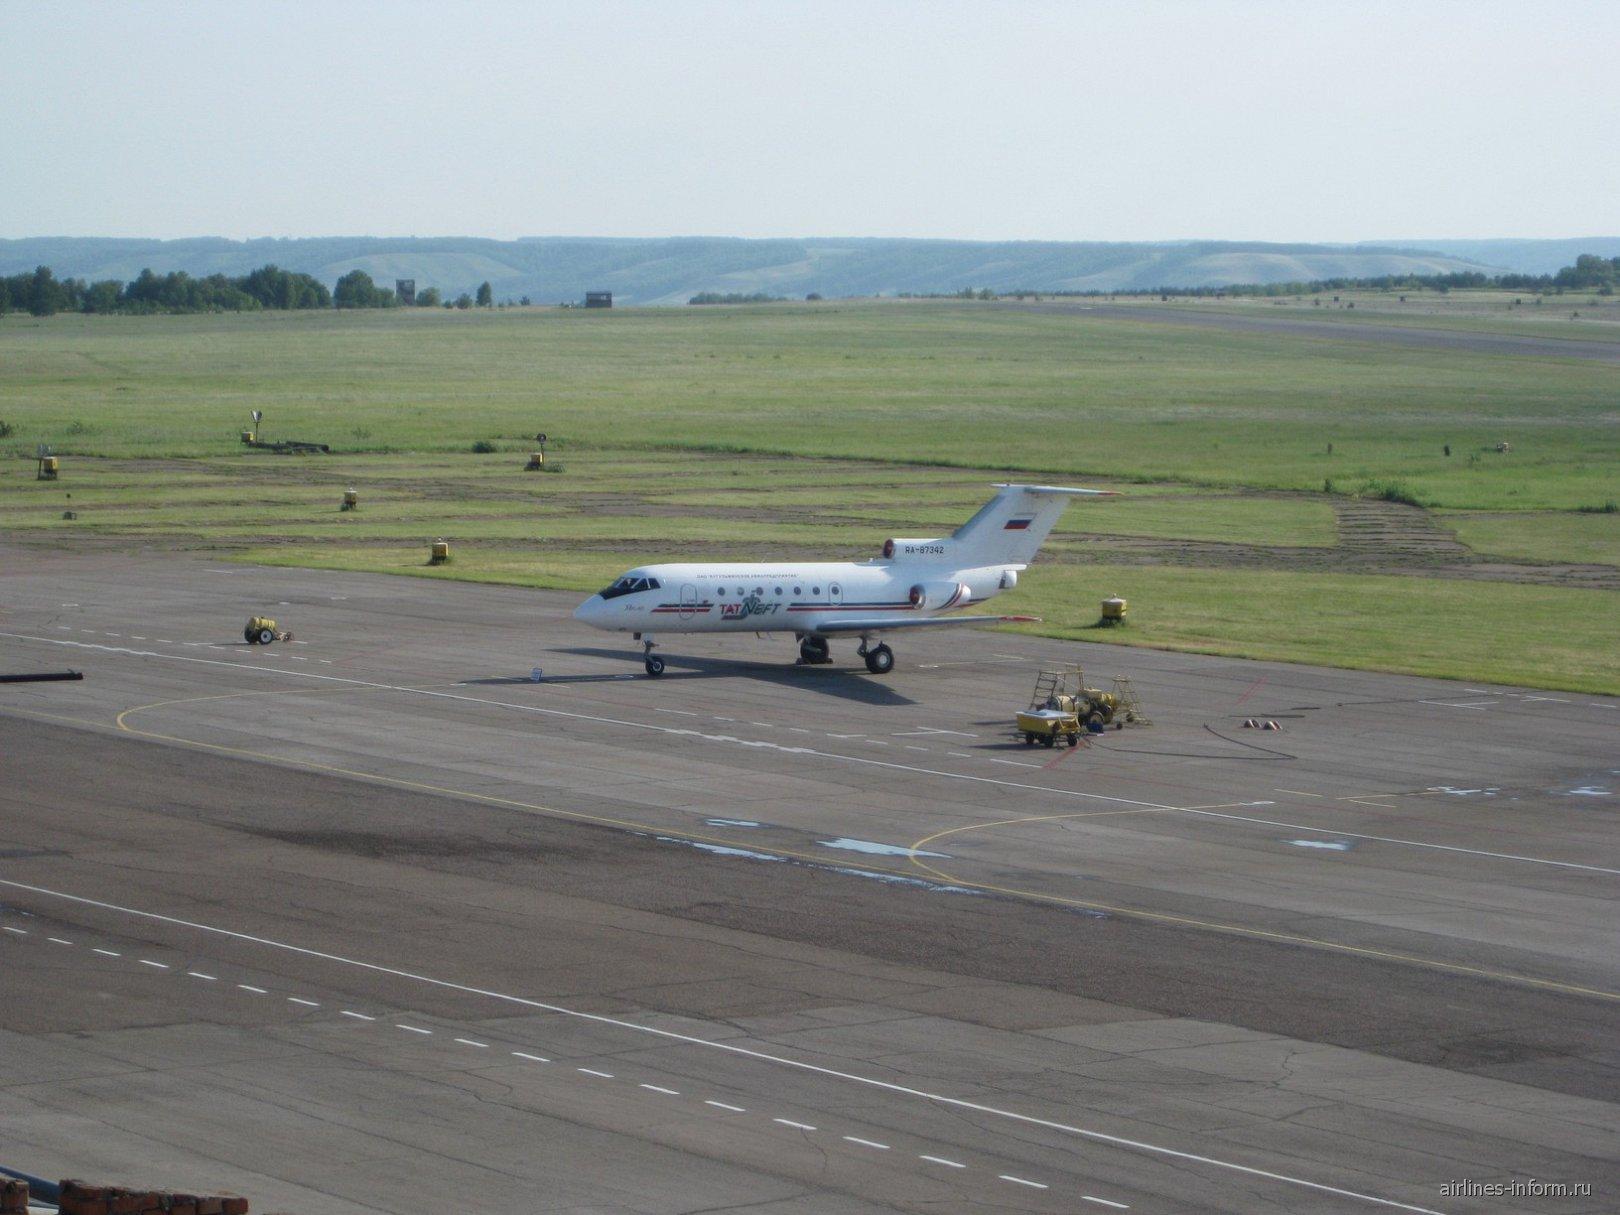 Аэропорт Бугульма - вид на летное поле